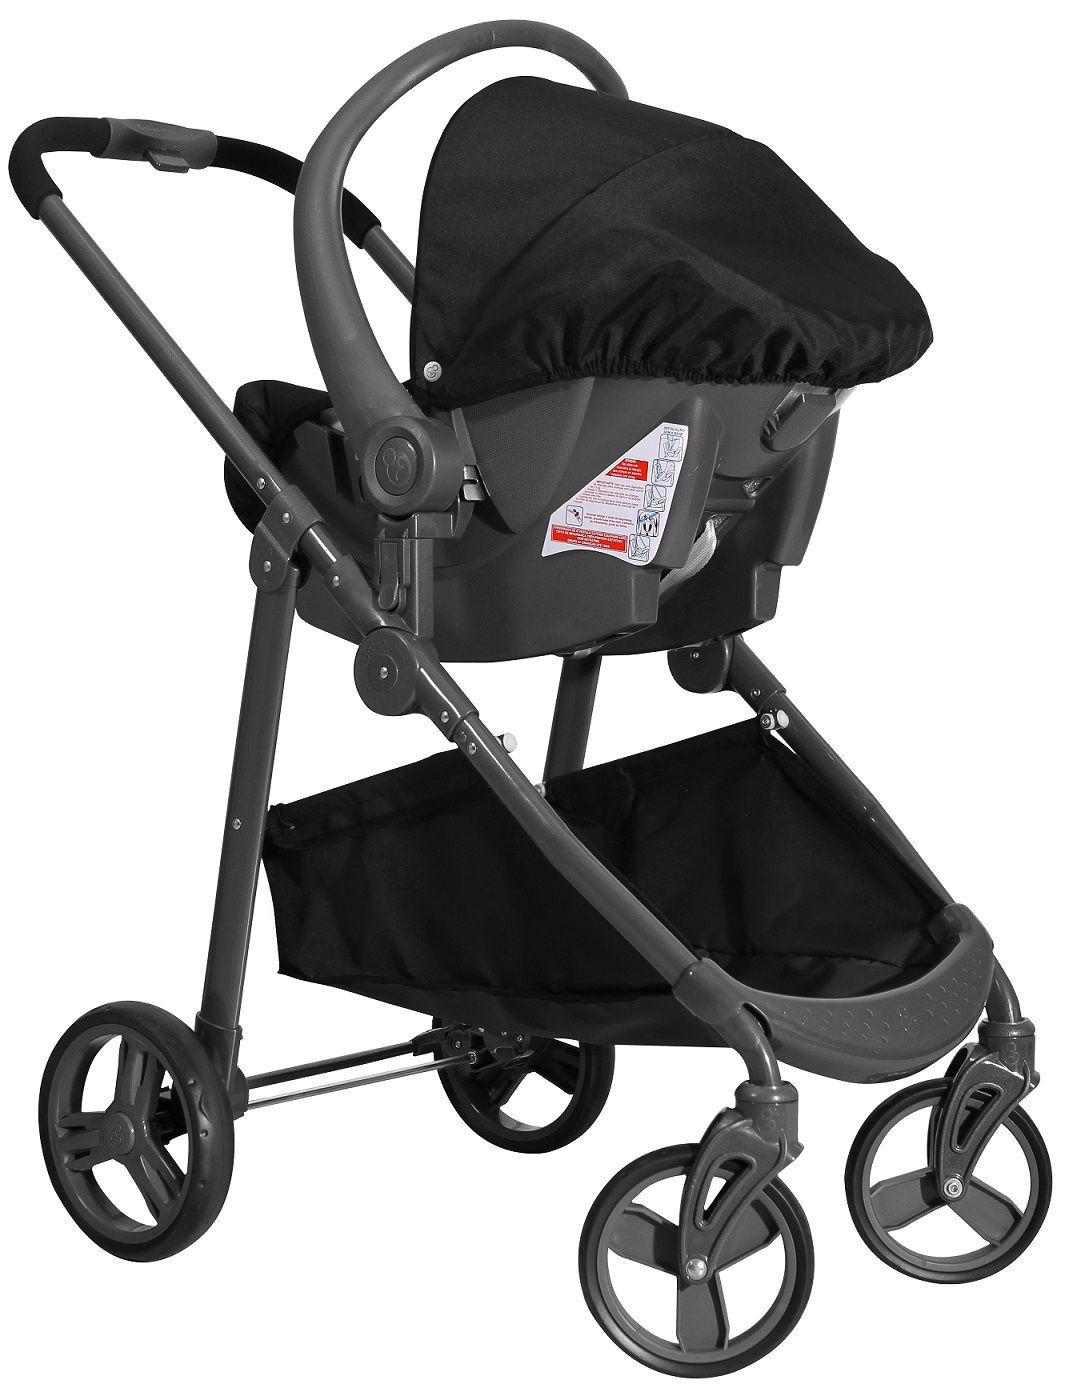 Carrinho de Bebê Moisés Olympus Preto com Bebê Conforto - Galzerano